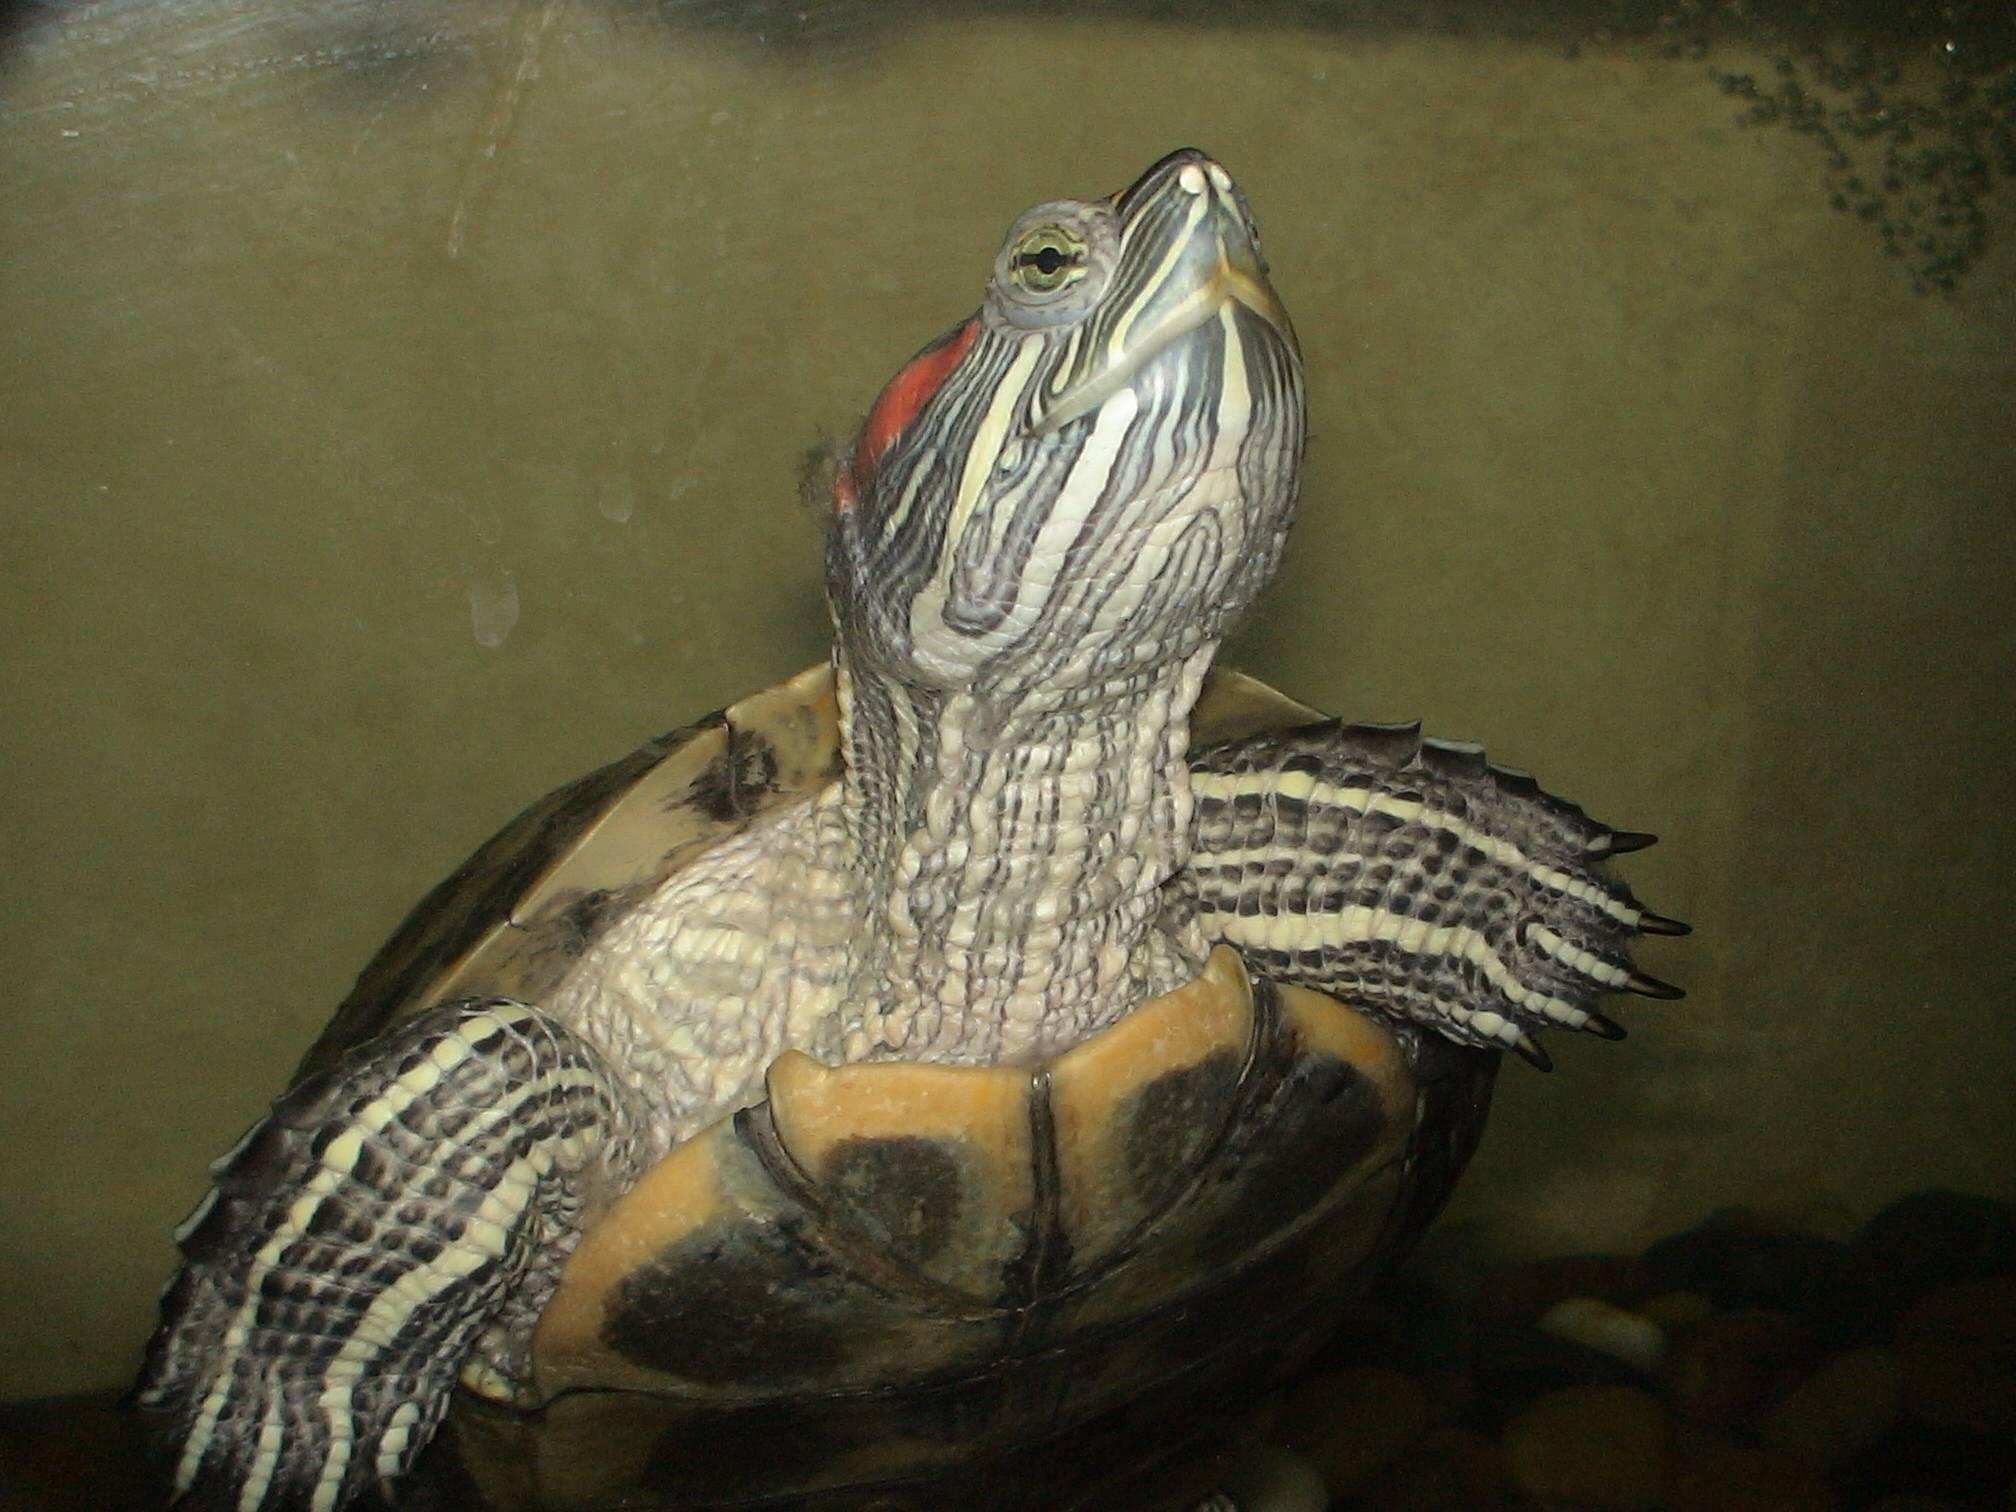 Дикие цветы - черепахи.ру - все о черепахах и для черепах